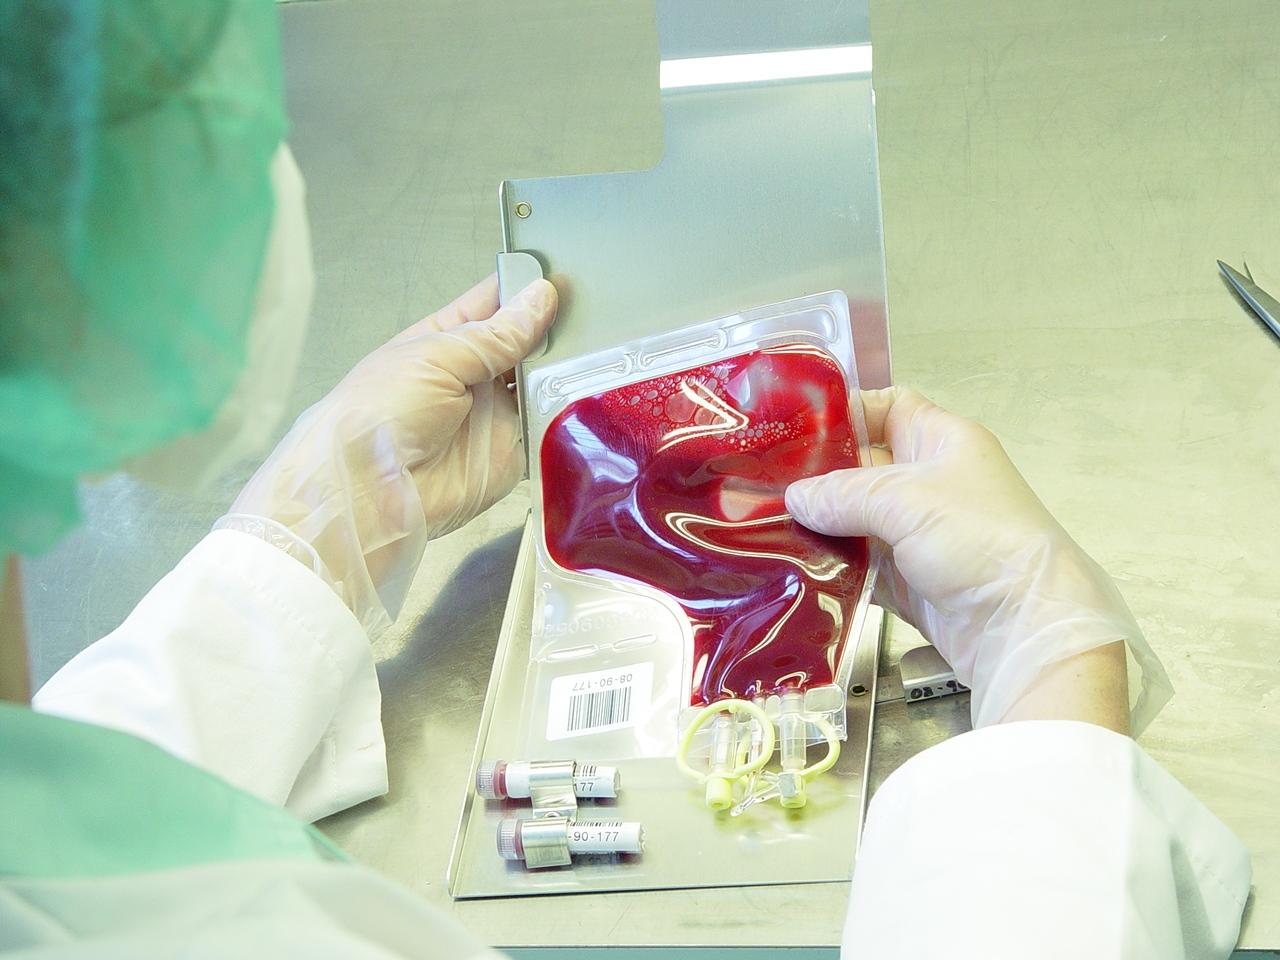 Vérszegénység is veszélyezteti a daganatos beteget